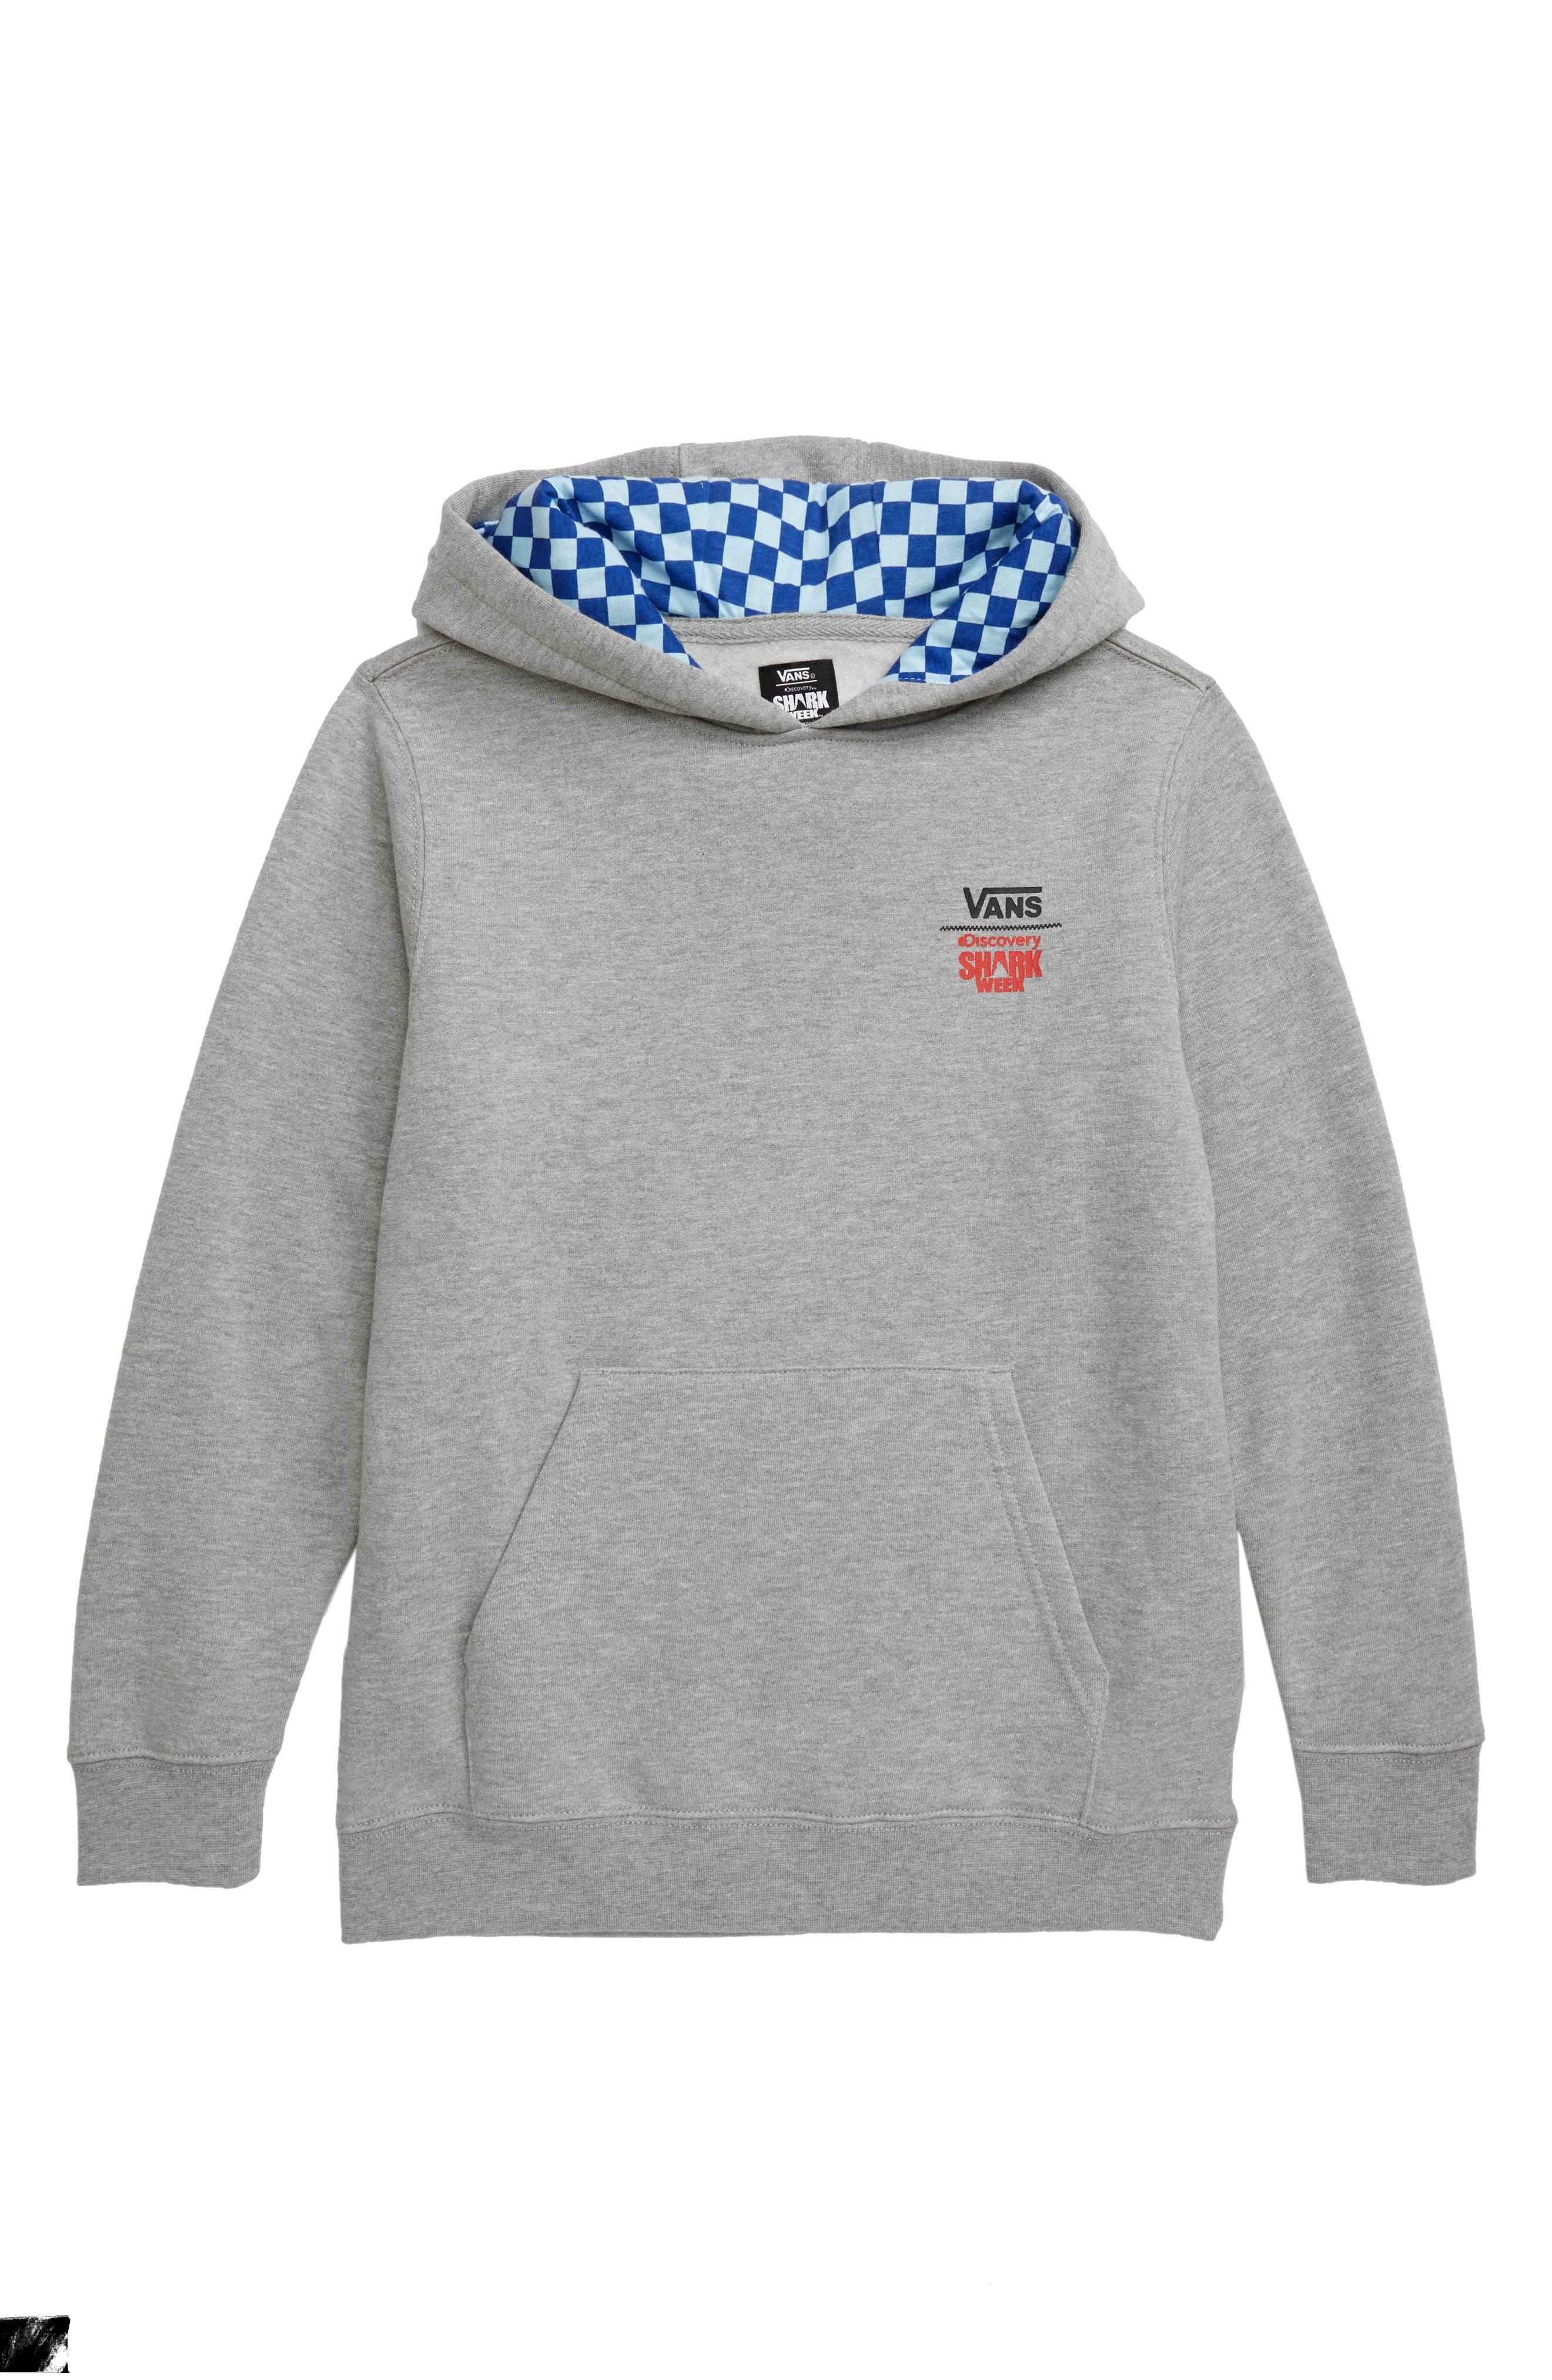 044b9f606 Boys' Vans Clothing: Hoodies, Shirts, Pants & T-Shirts   Nordstrom